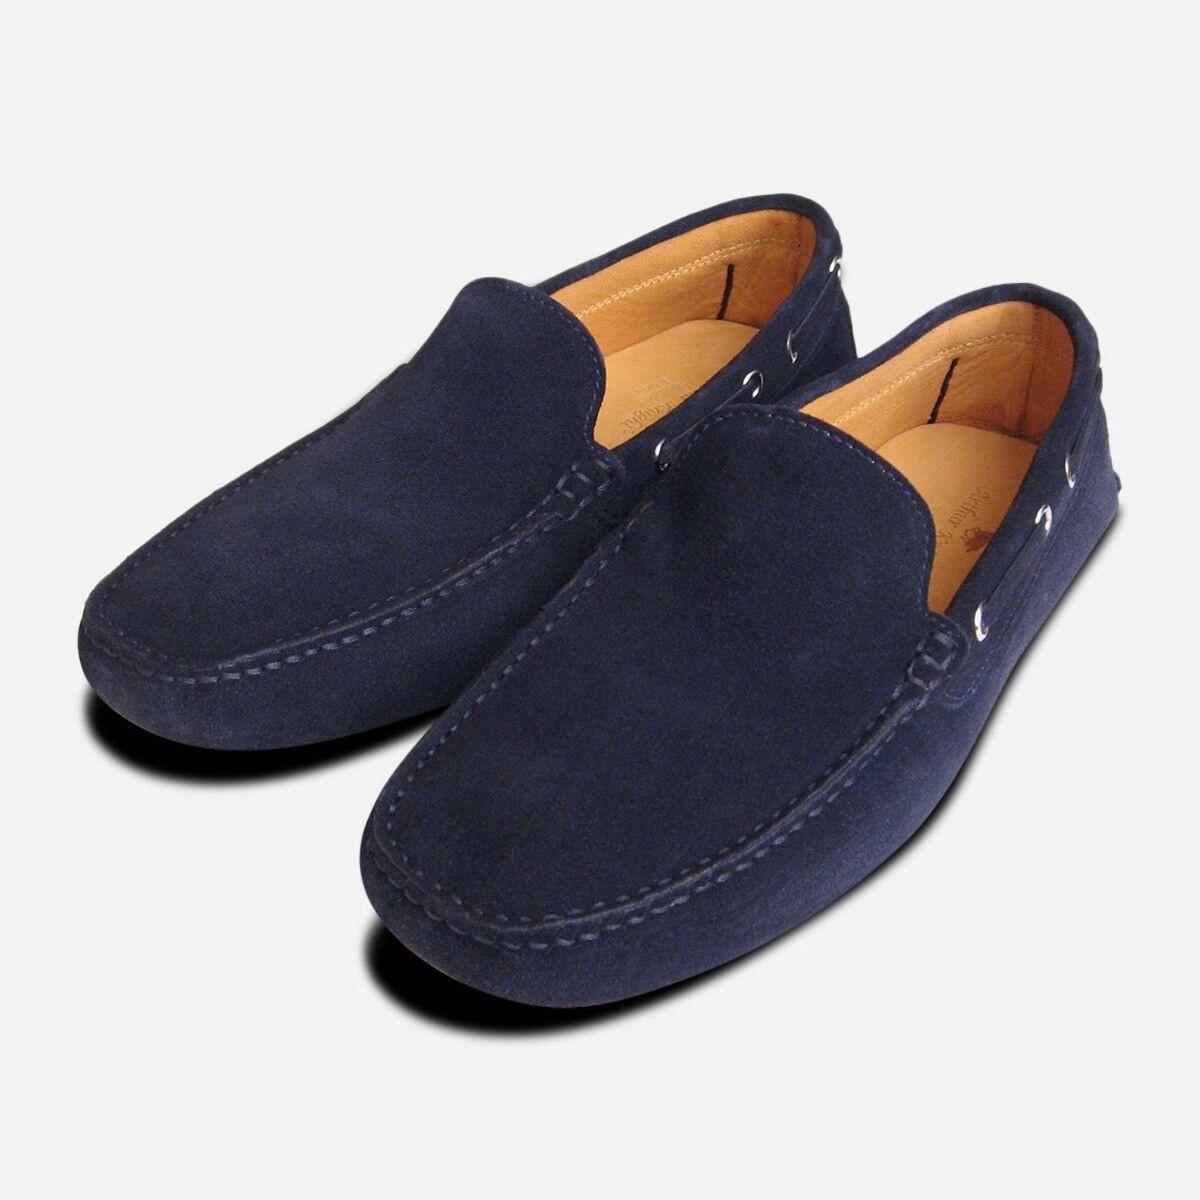 Marineblau Wildleder Italian Fahren Schuhe Mokassins